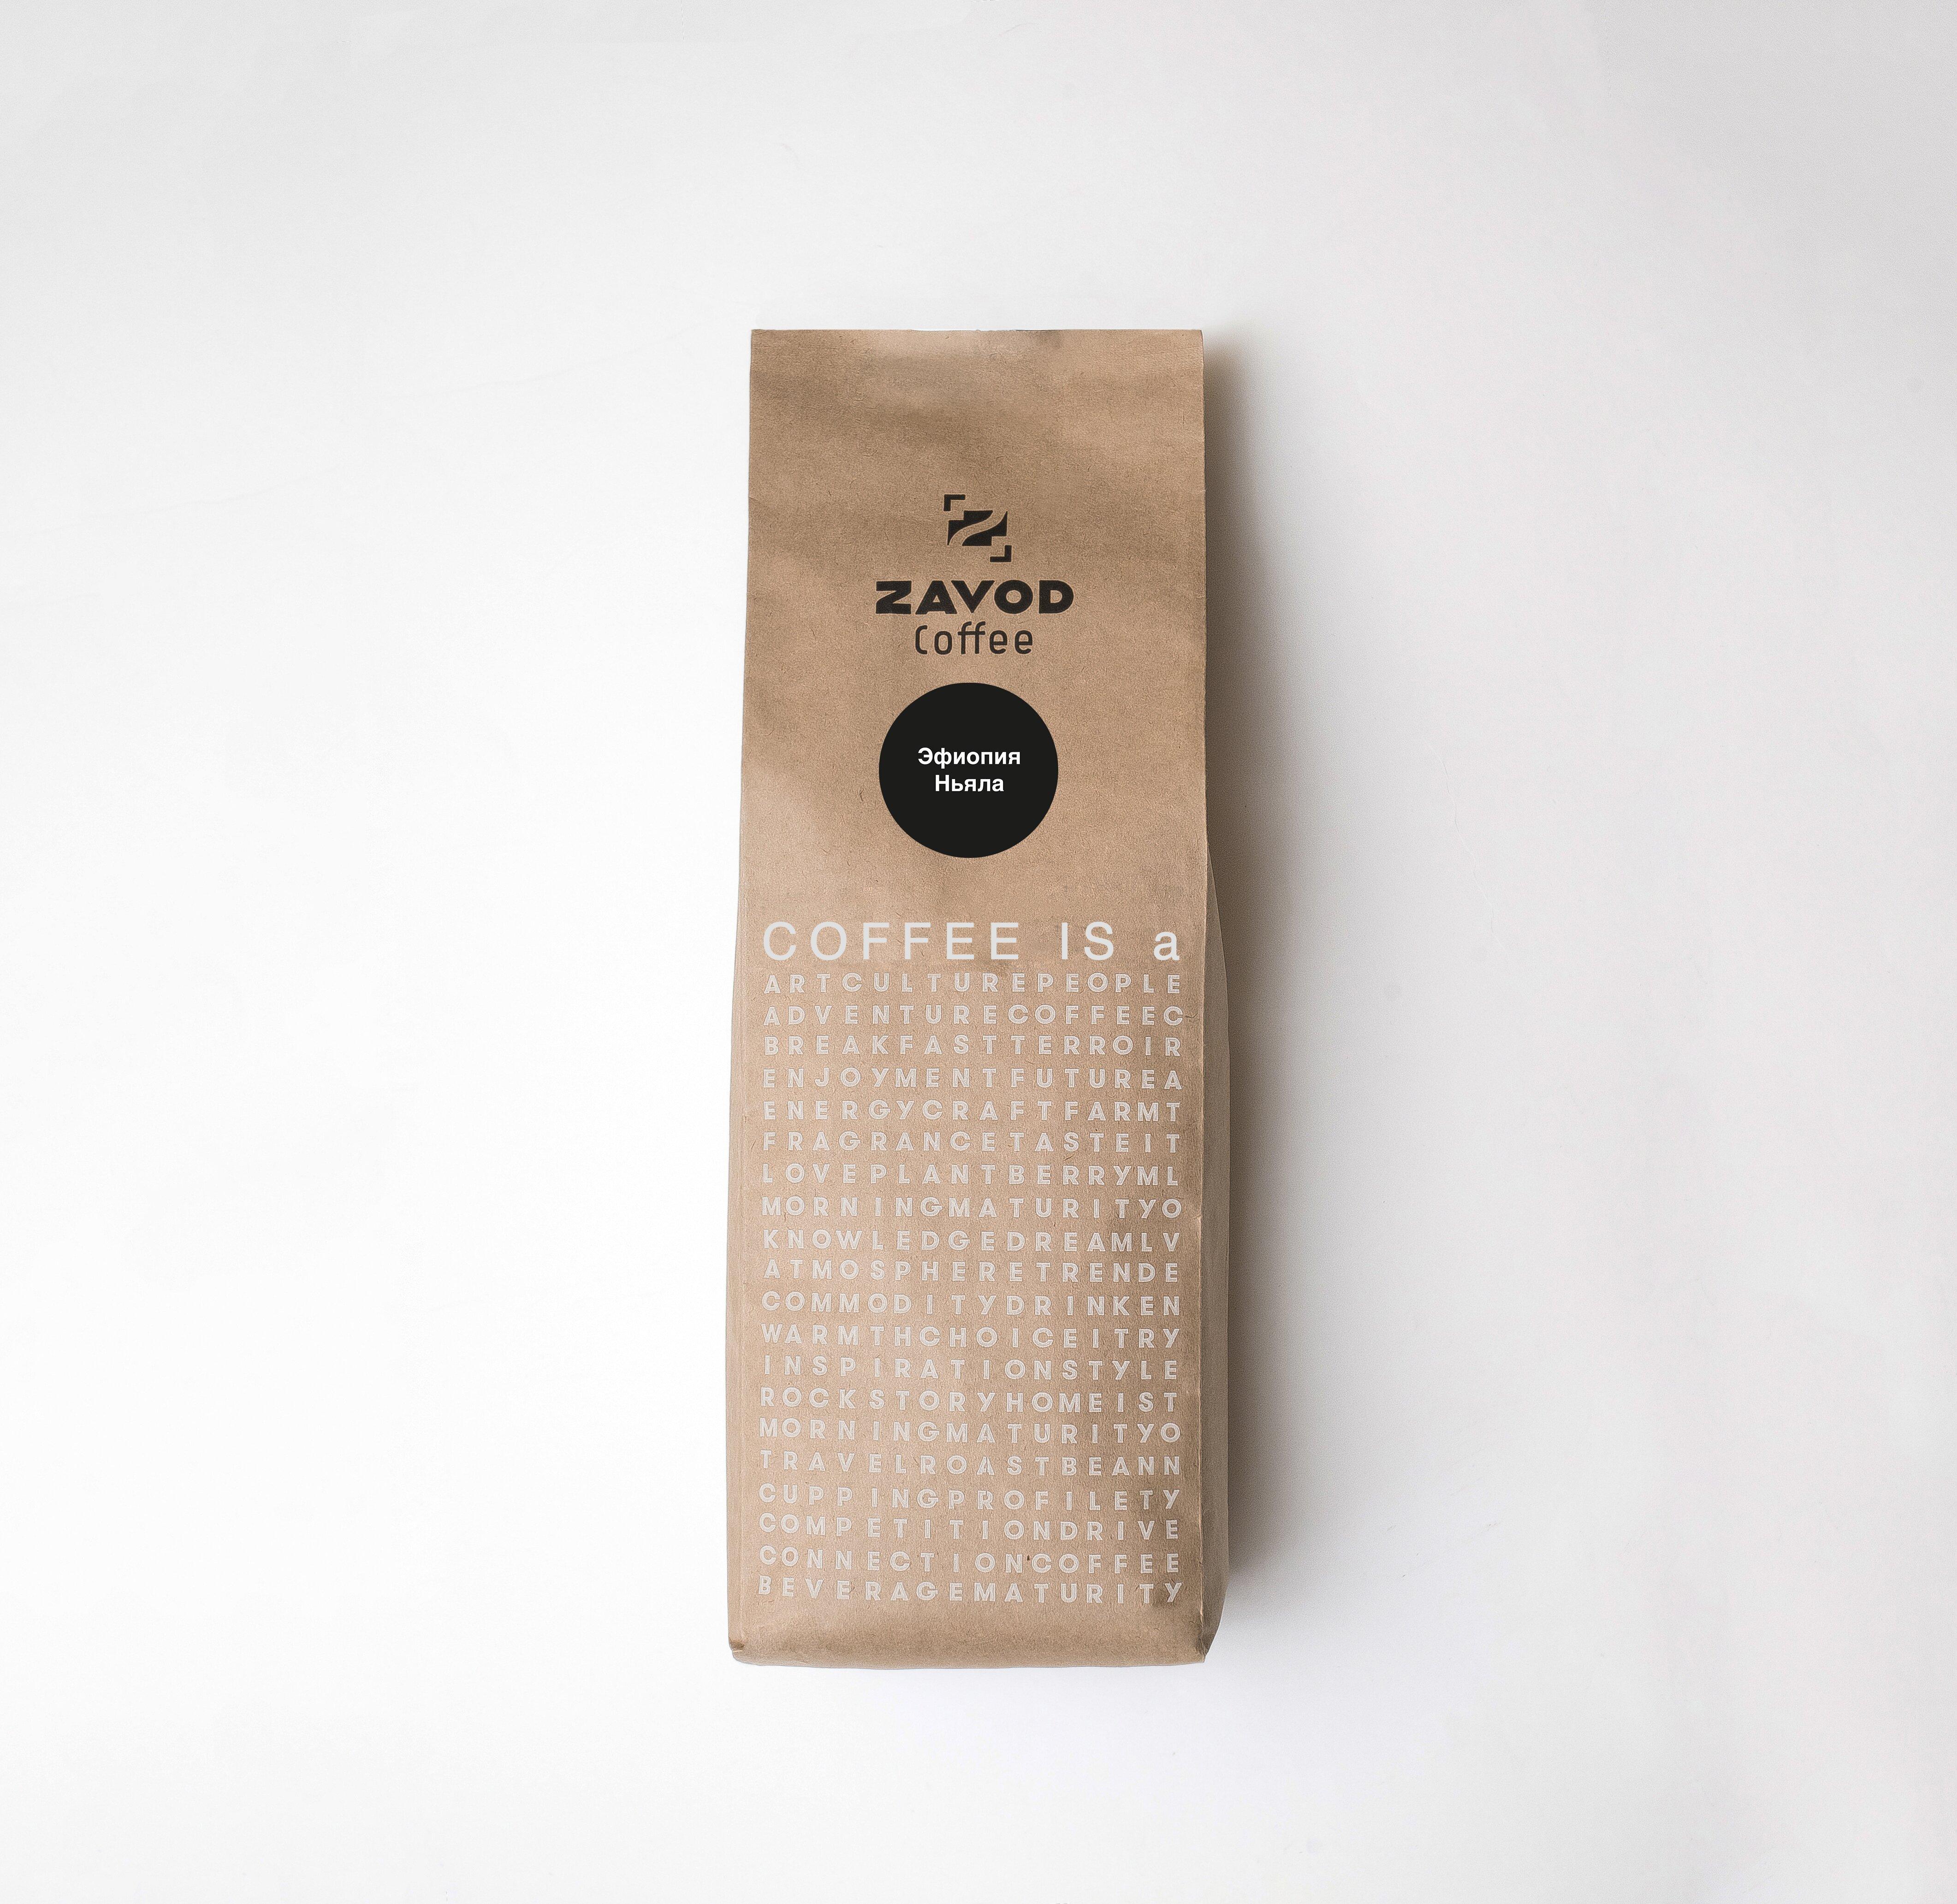 Кофе зерновой ZAVOD COFFEE Эфиопия Ньяла